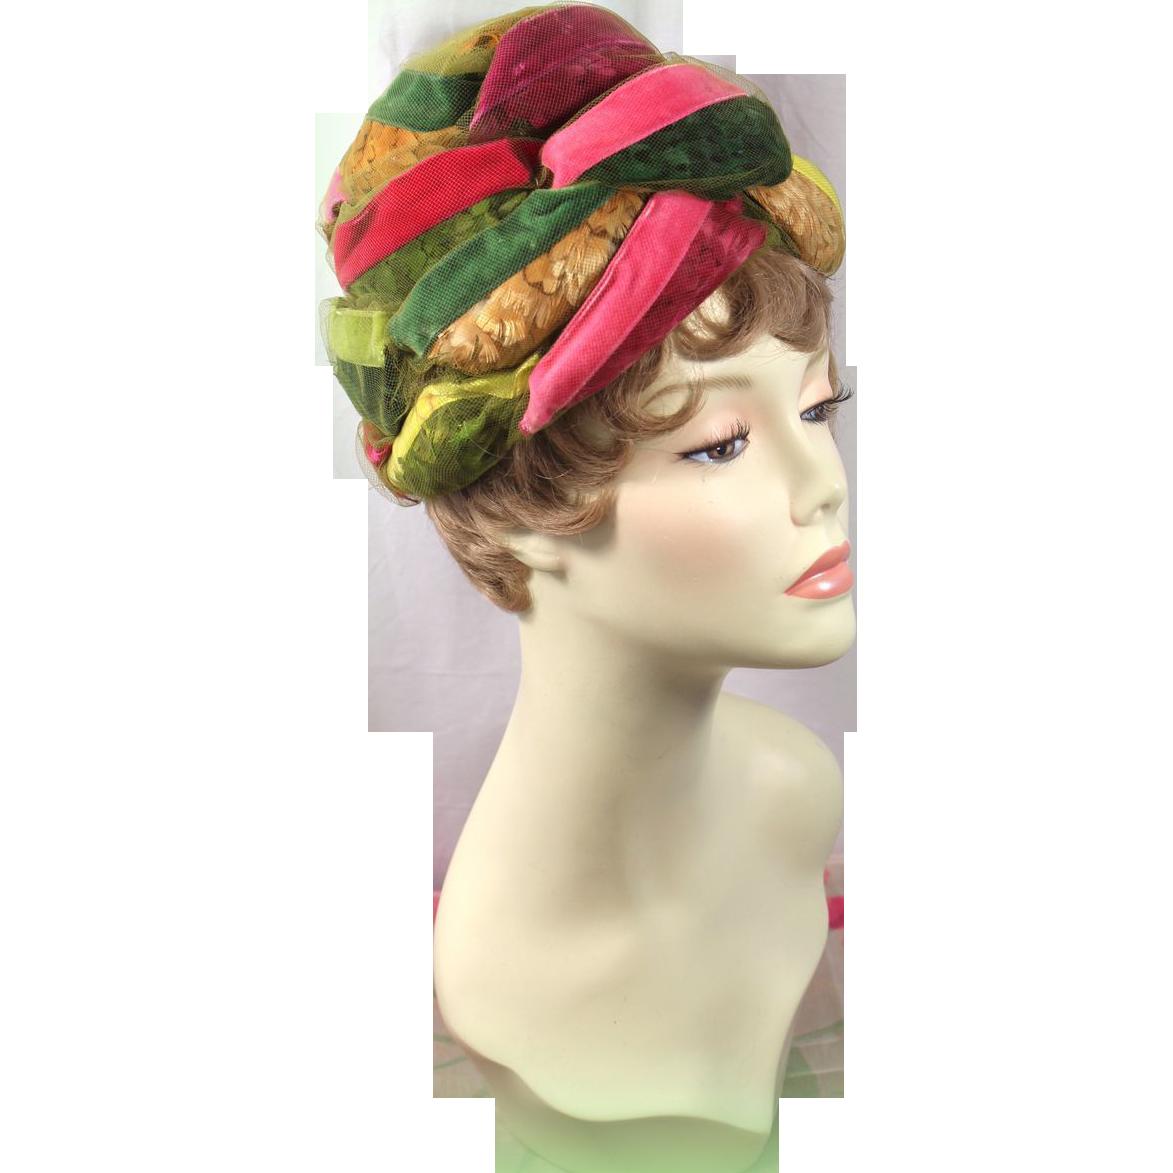 Vintage 60s Christian Dior Chapeaux Velvet Ribbon & Feather Turban Hat